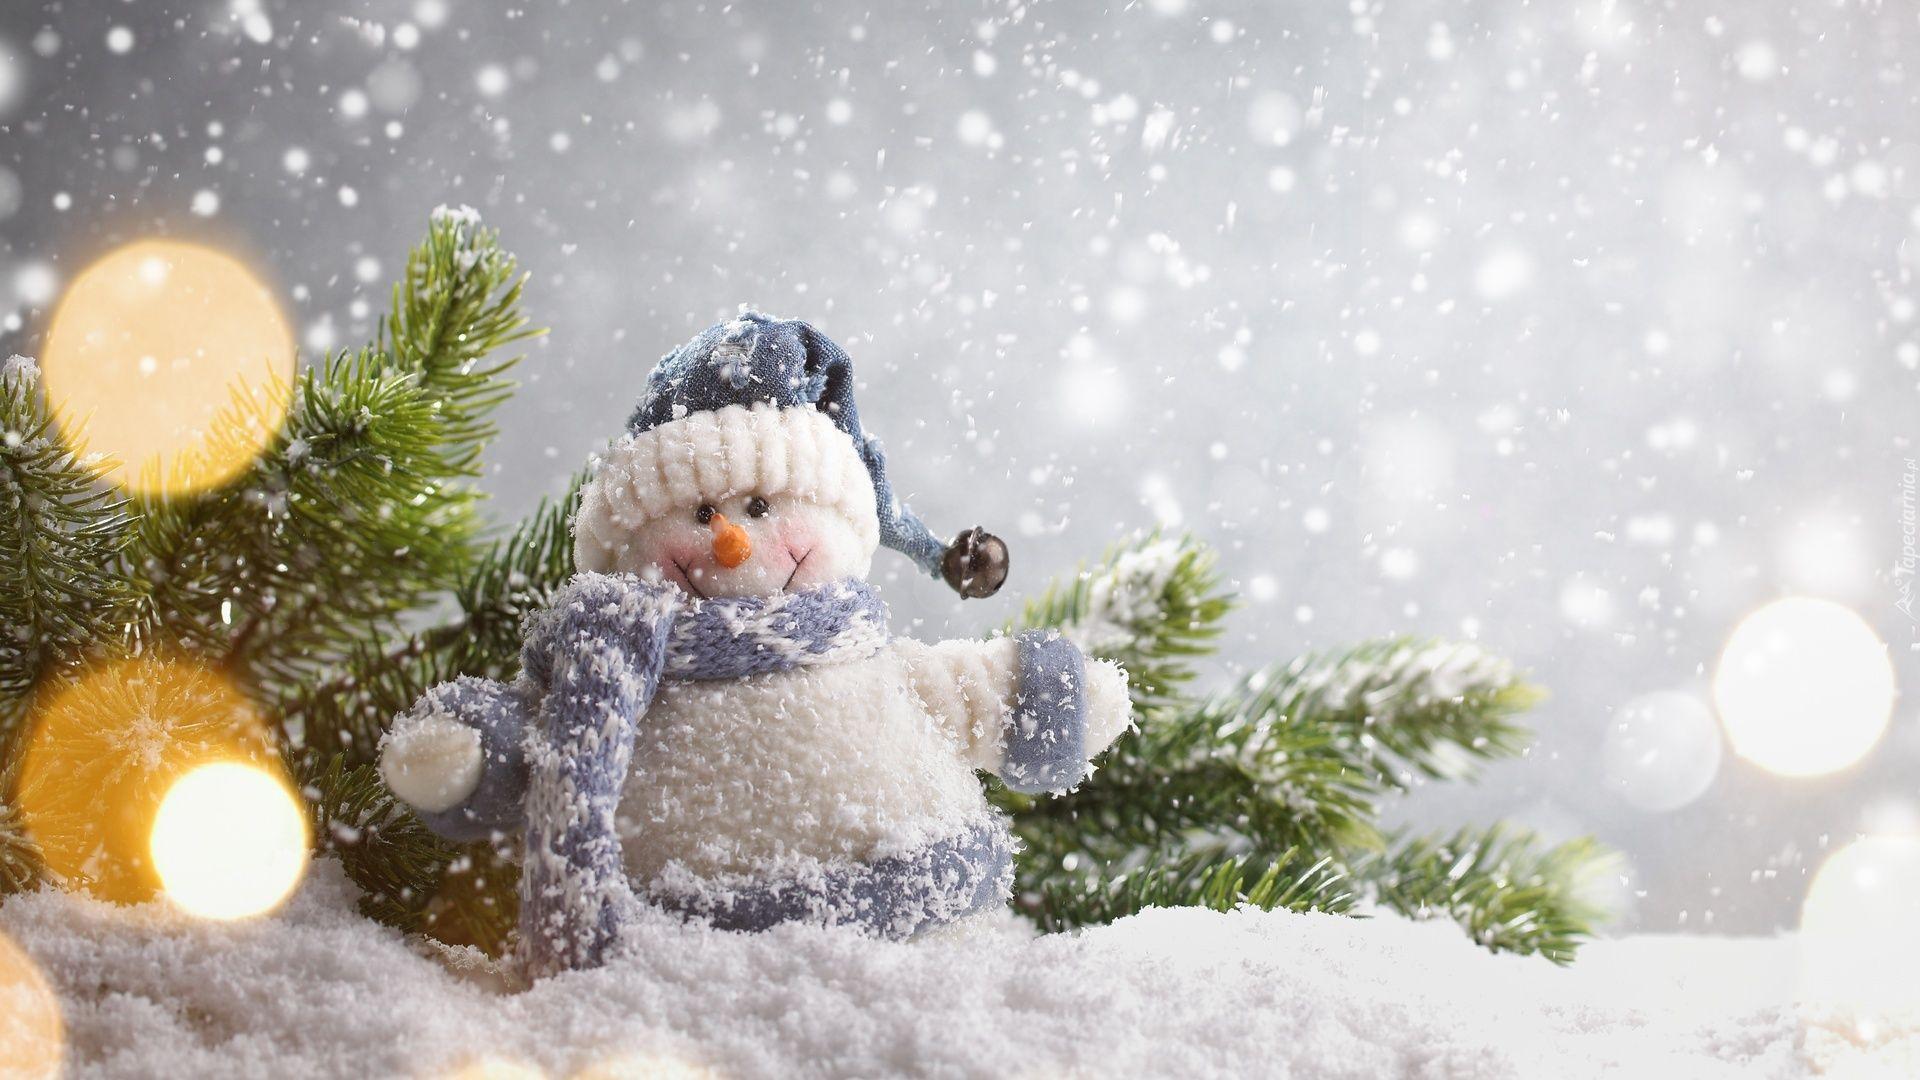 Balwanek Snieg Galazka Dekoracja Swiateczna Winterbilder Weihnachten Hintergrundbilder Weihnachten Schnee